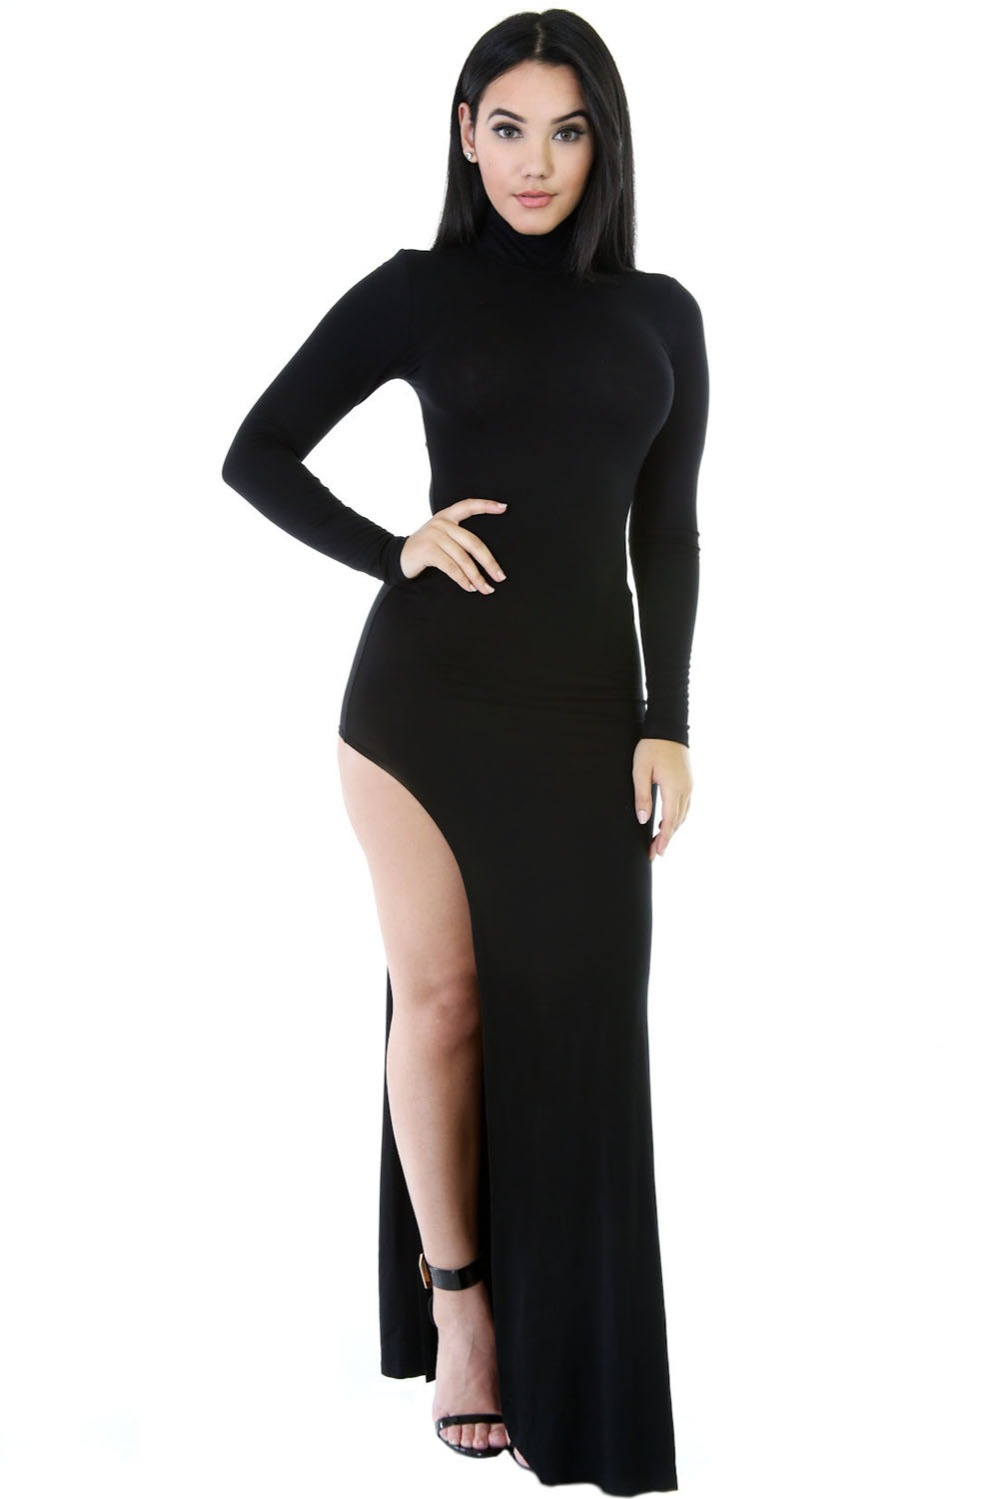 Black black t shirt maxi dress - Autumn Turtleneck Side Split Jersey Maxi Dress Women Asymmetrical Black White Long Sleeve Bodyon Party Dresses